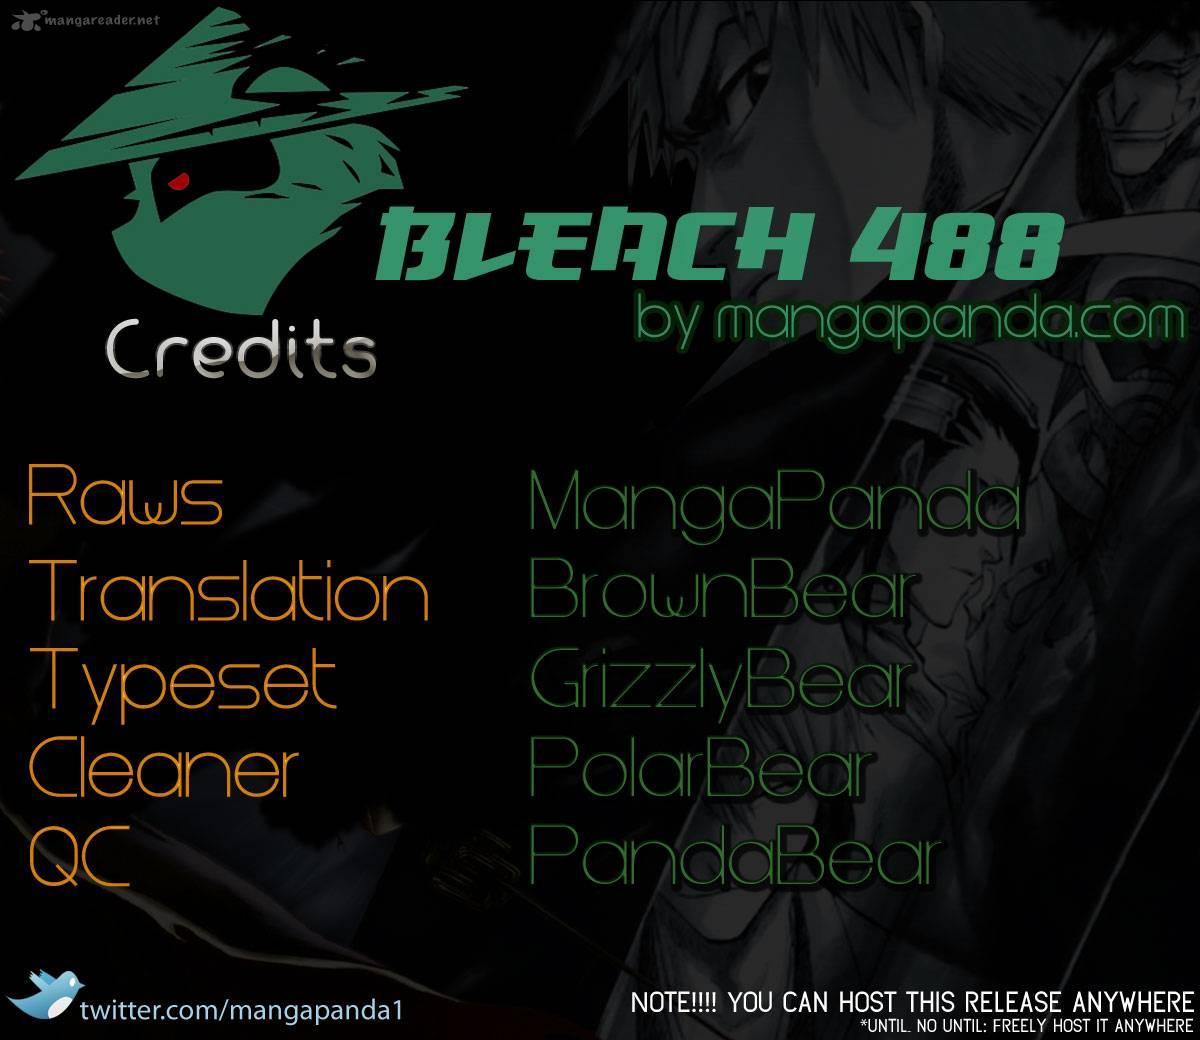 Bleach 488